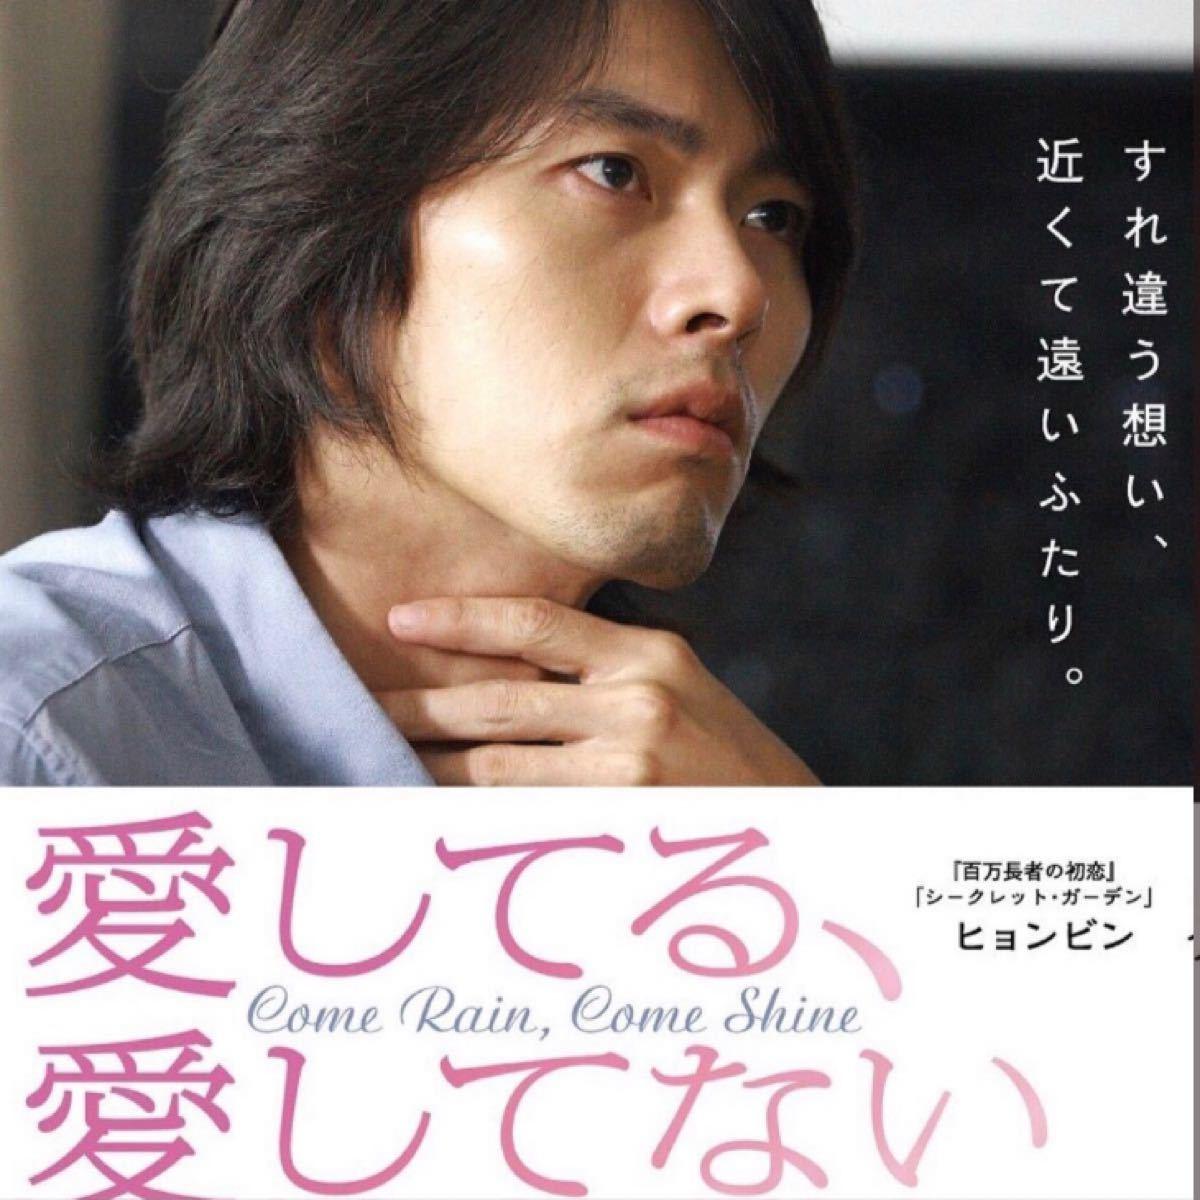 韓国映画  愛してる、愛してない  ヒョンビン  イム・スジョン  DVD  日本語吹替有り  レーベル有り